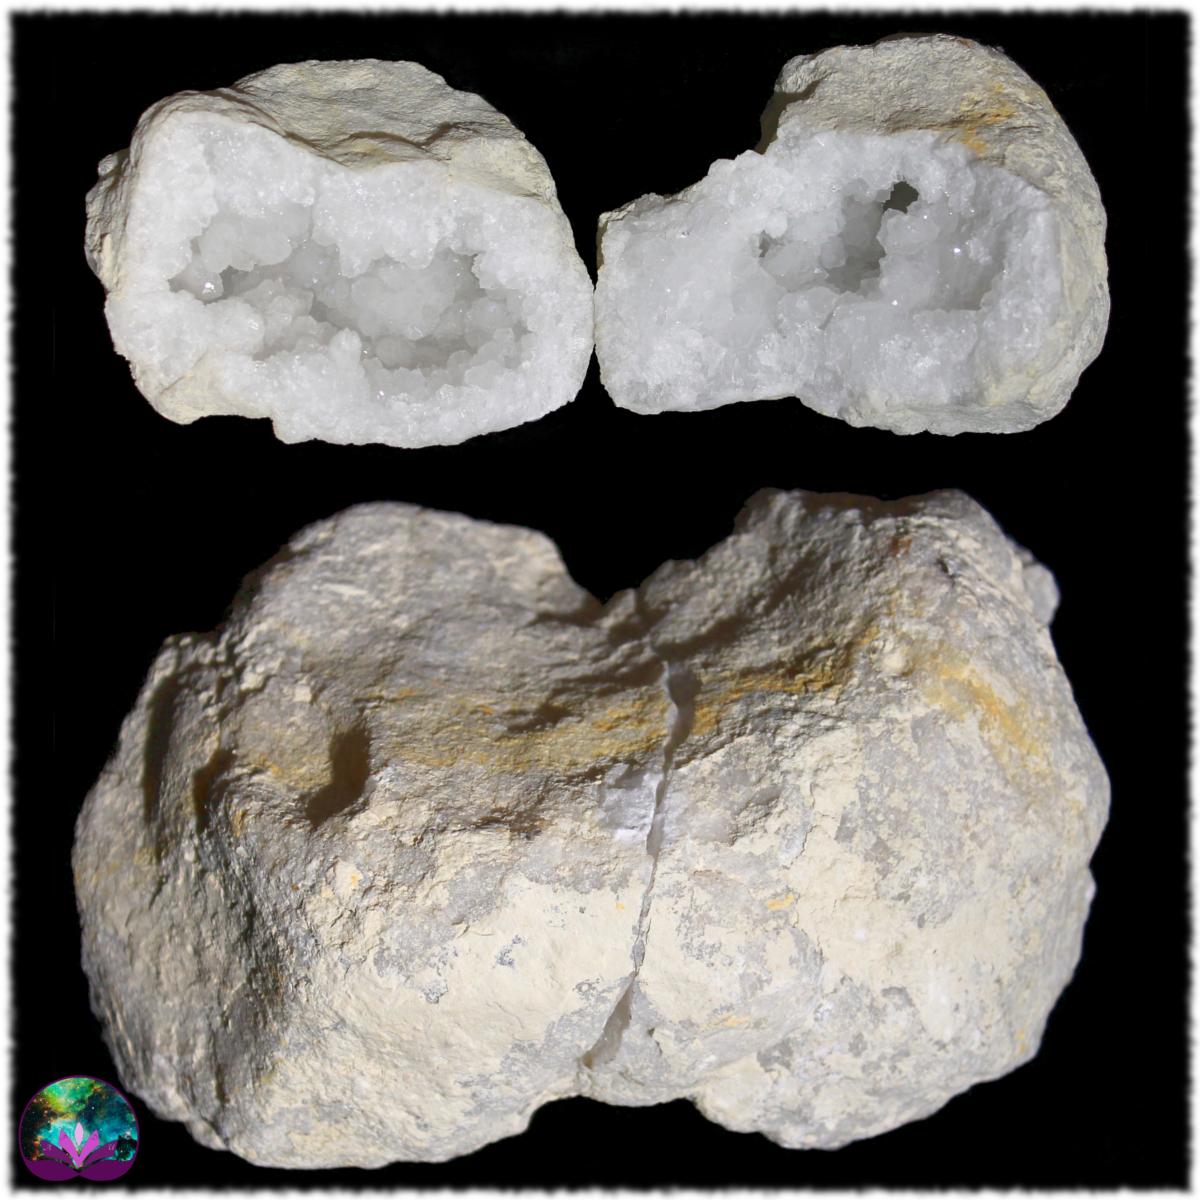 Géode de calcite - Grand modèle 2,8 kg